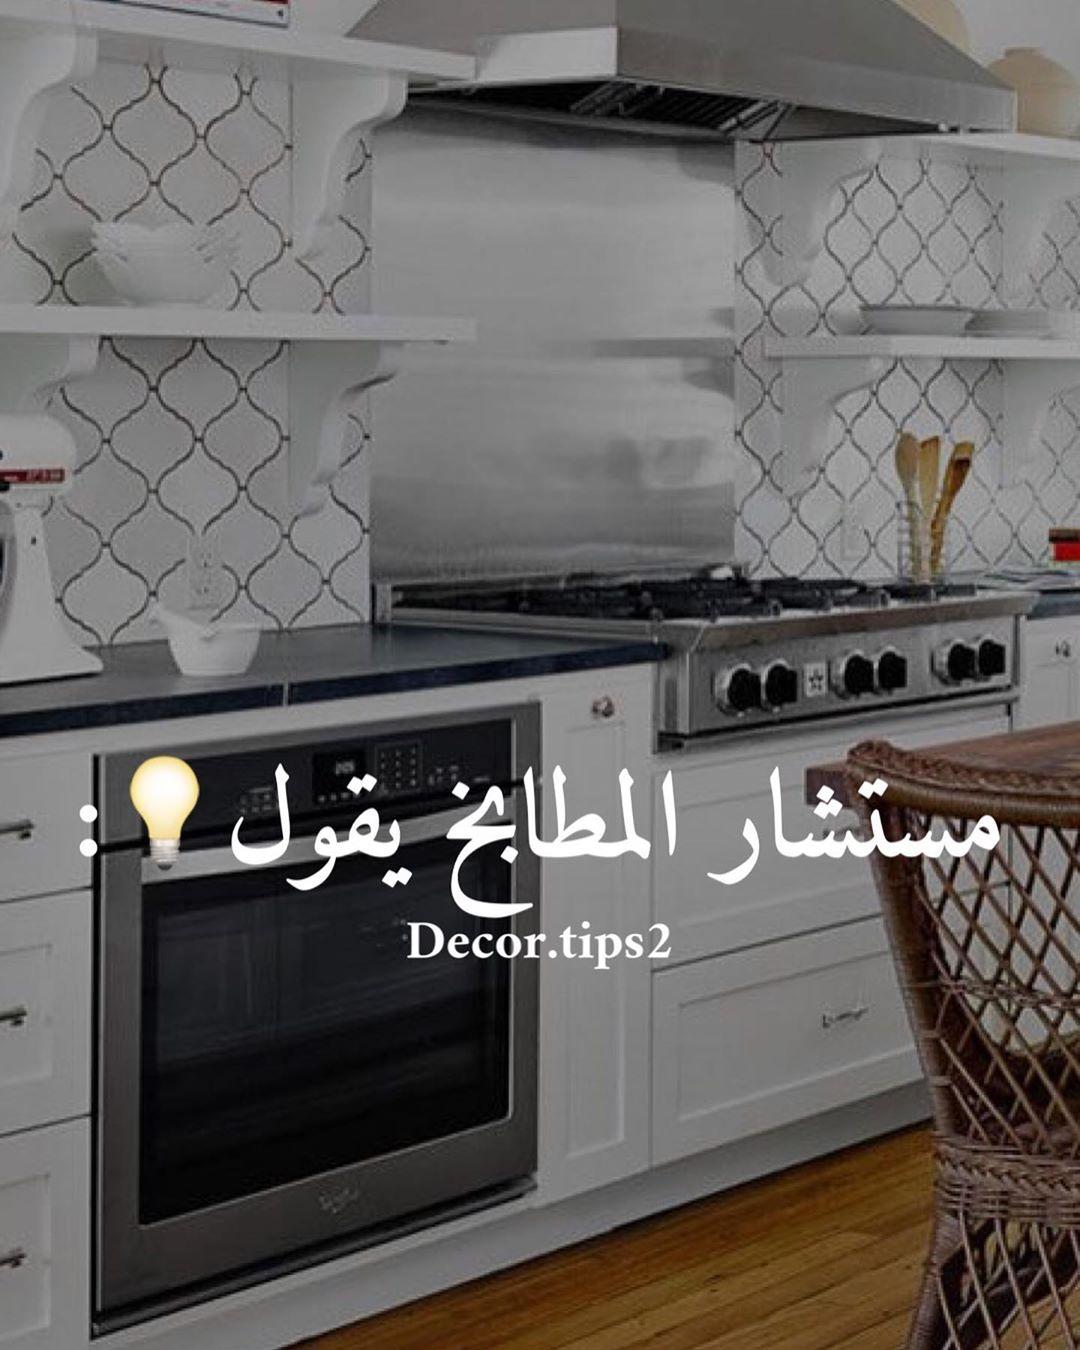 تفصيل مطبخ من ناحية الاسعار